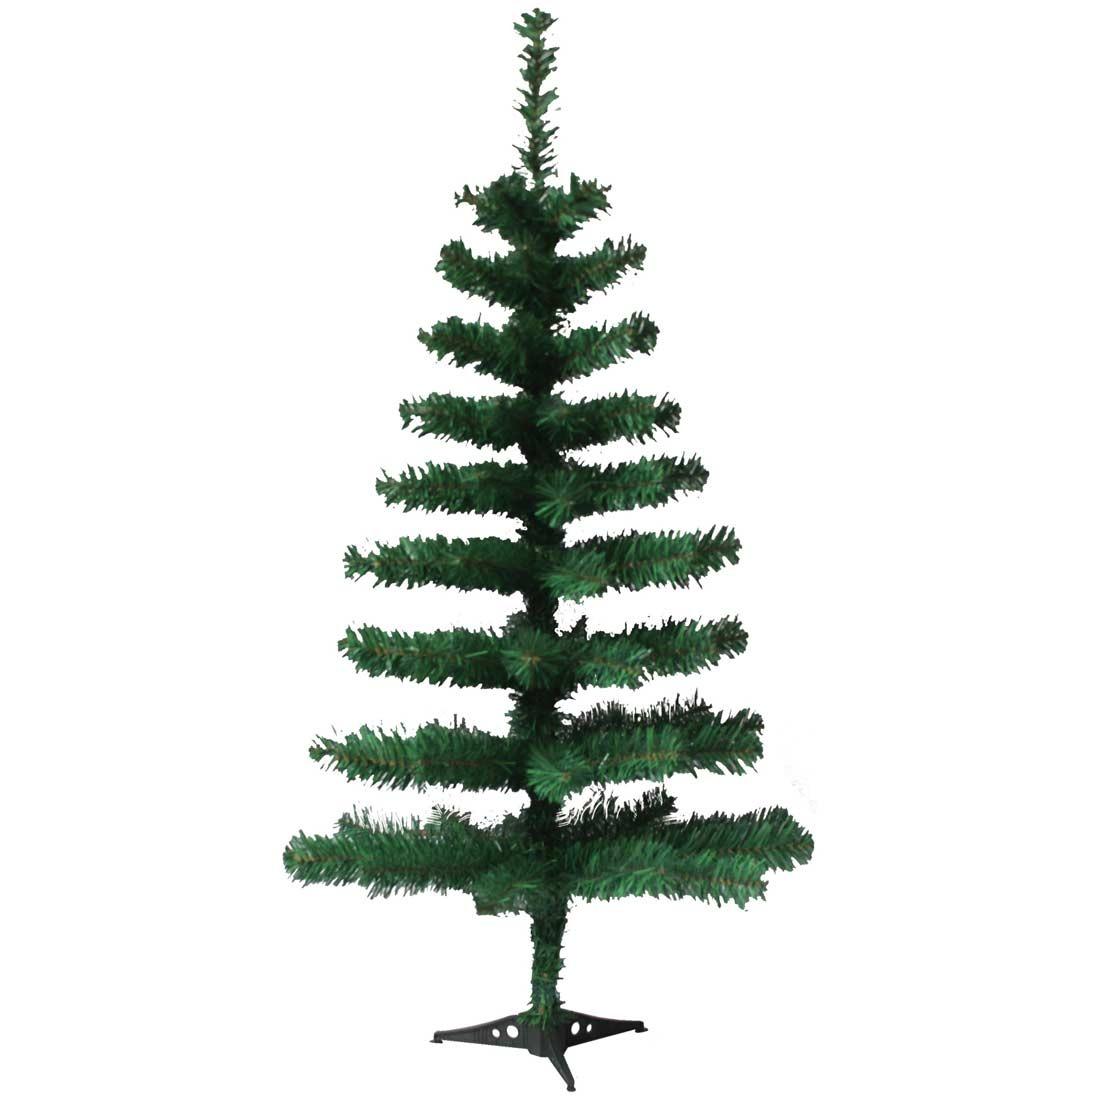 rvore de natal pinheiro canadense 60cm com 50 galhos verde r 9 90 em mercado livre. Black Bedroom Furniture Sets. Home Design Ideas